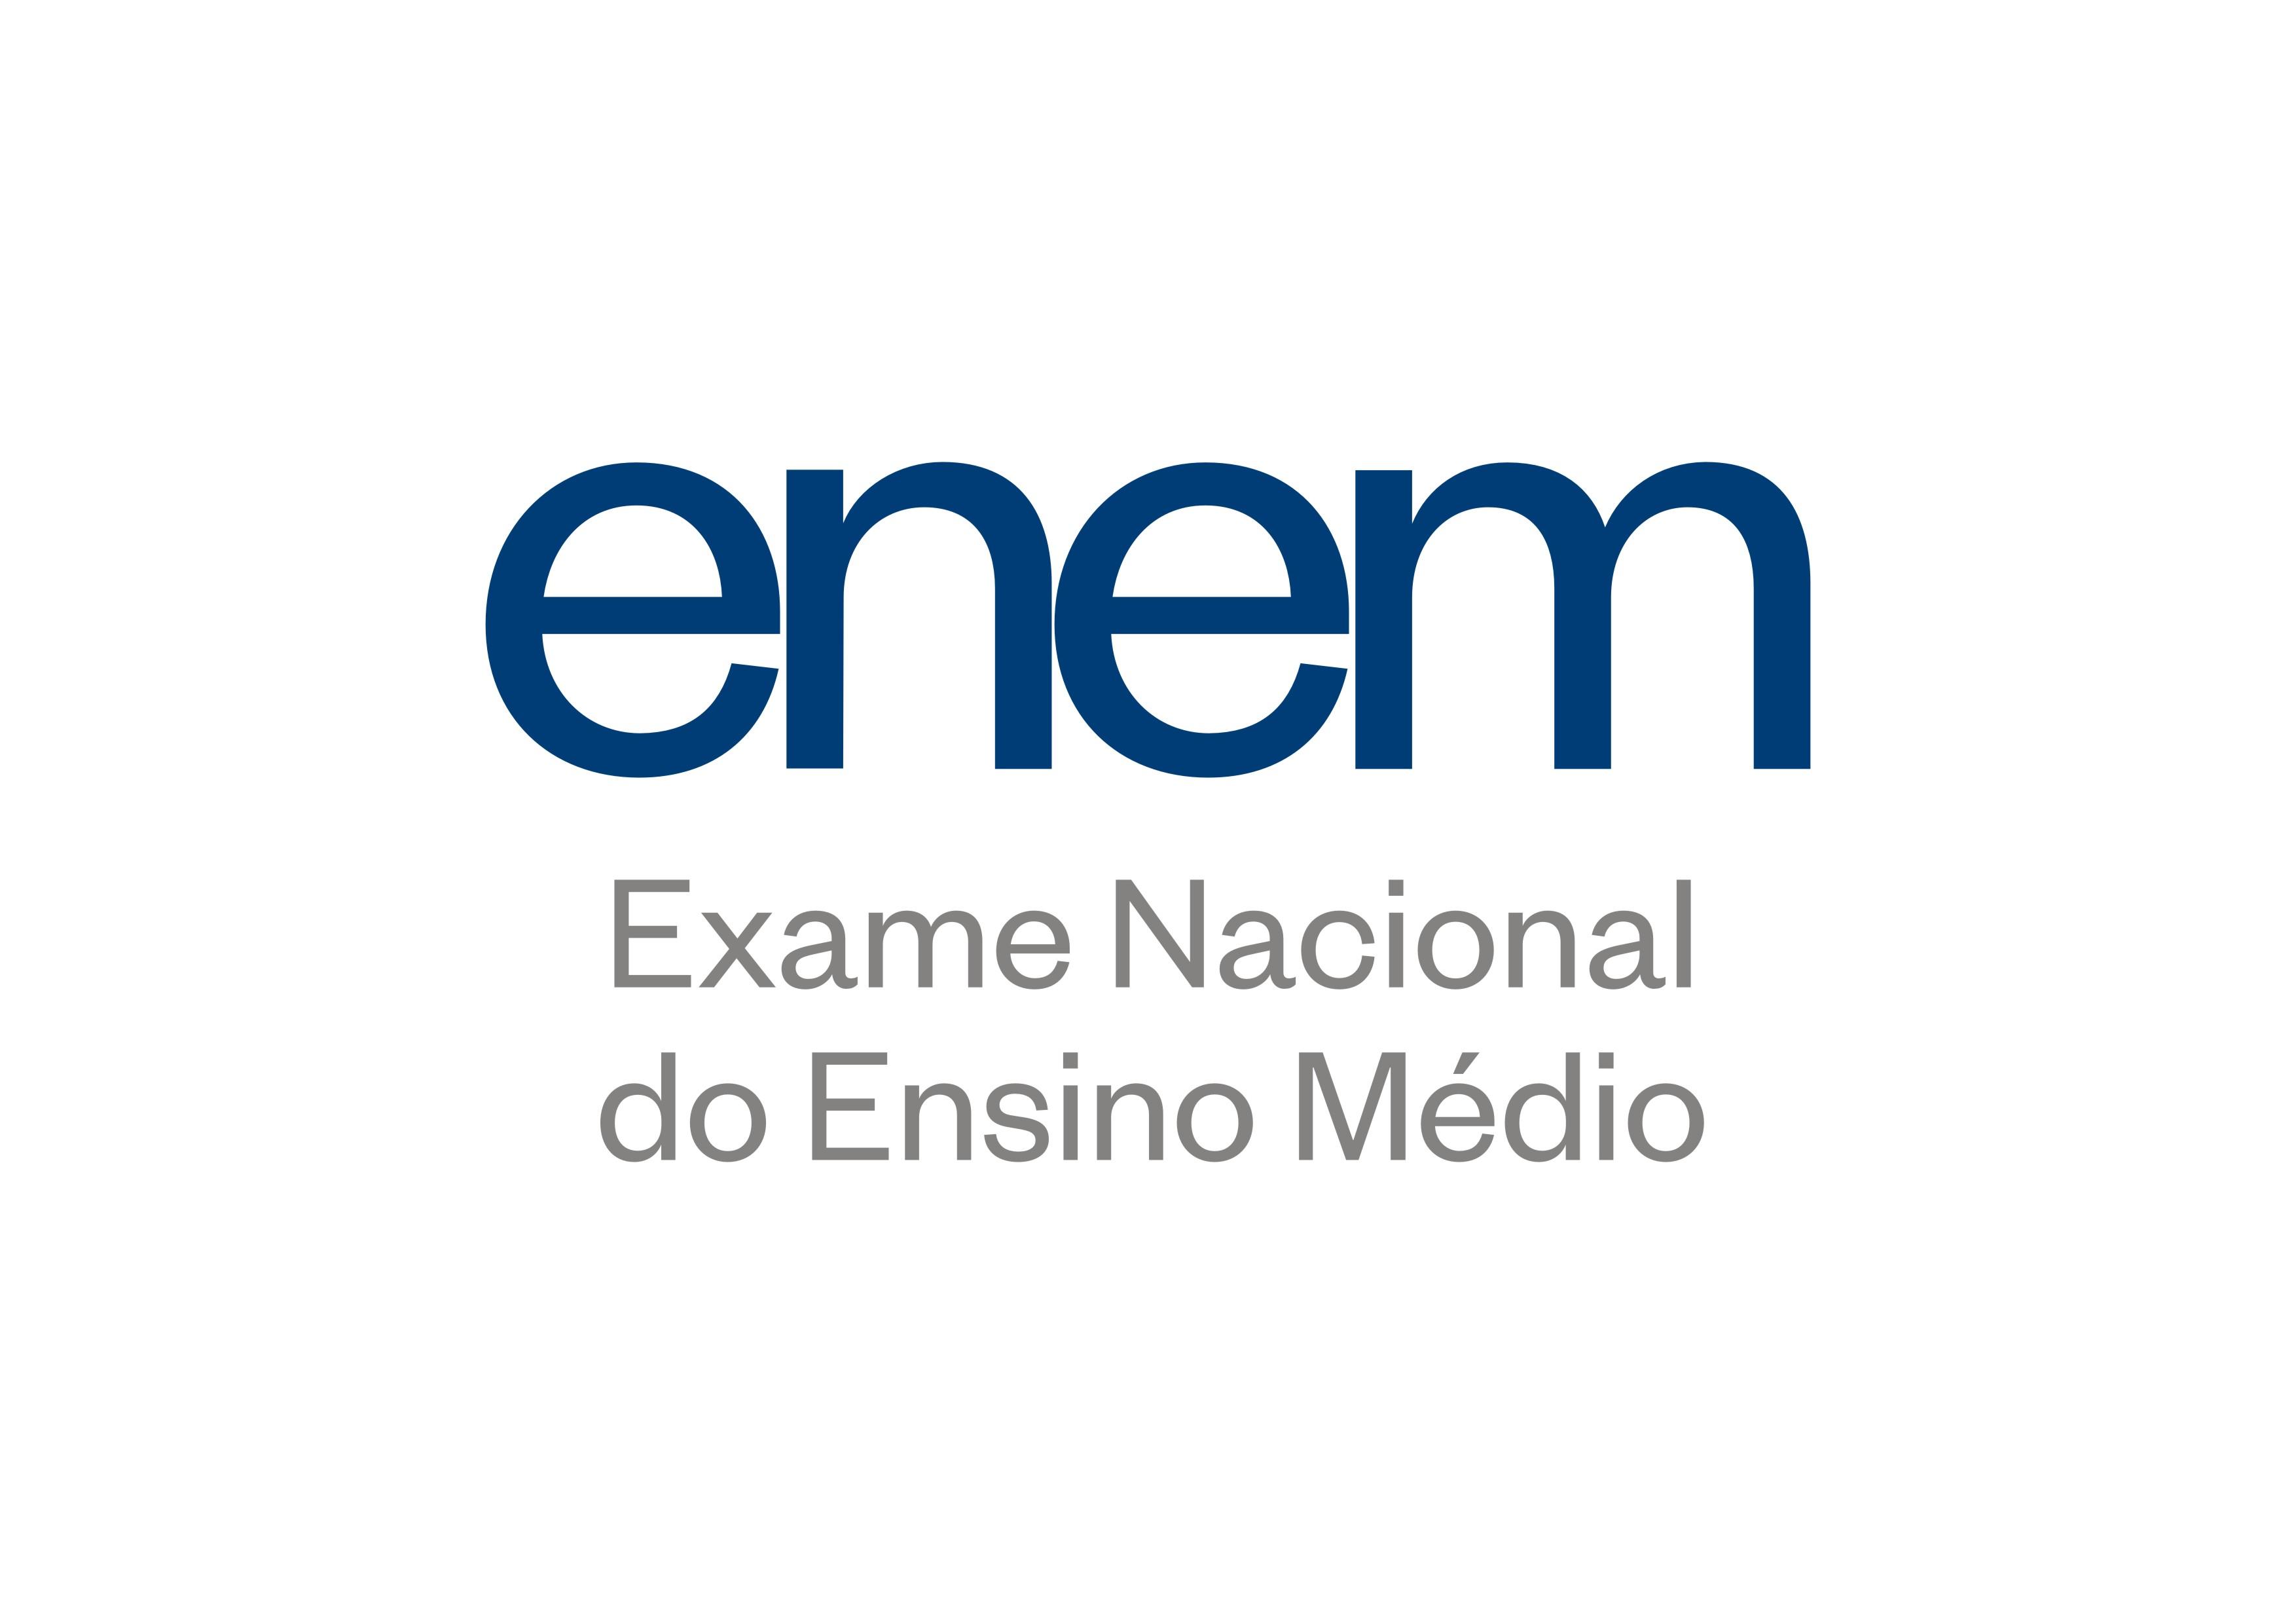 Inscrição para o Enem com isenção da taxa vai até o próximo dia 26/09